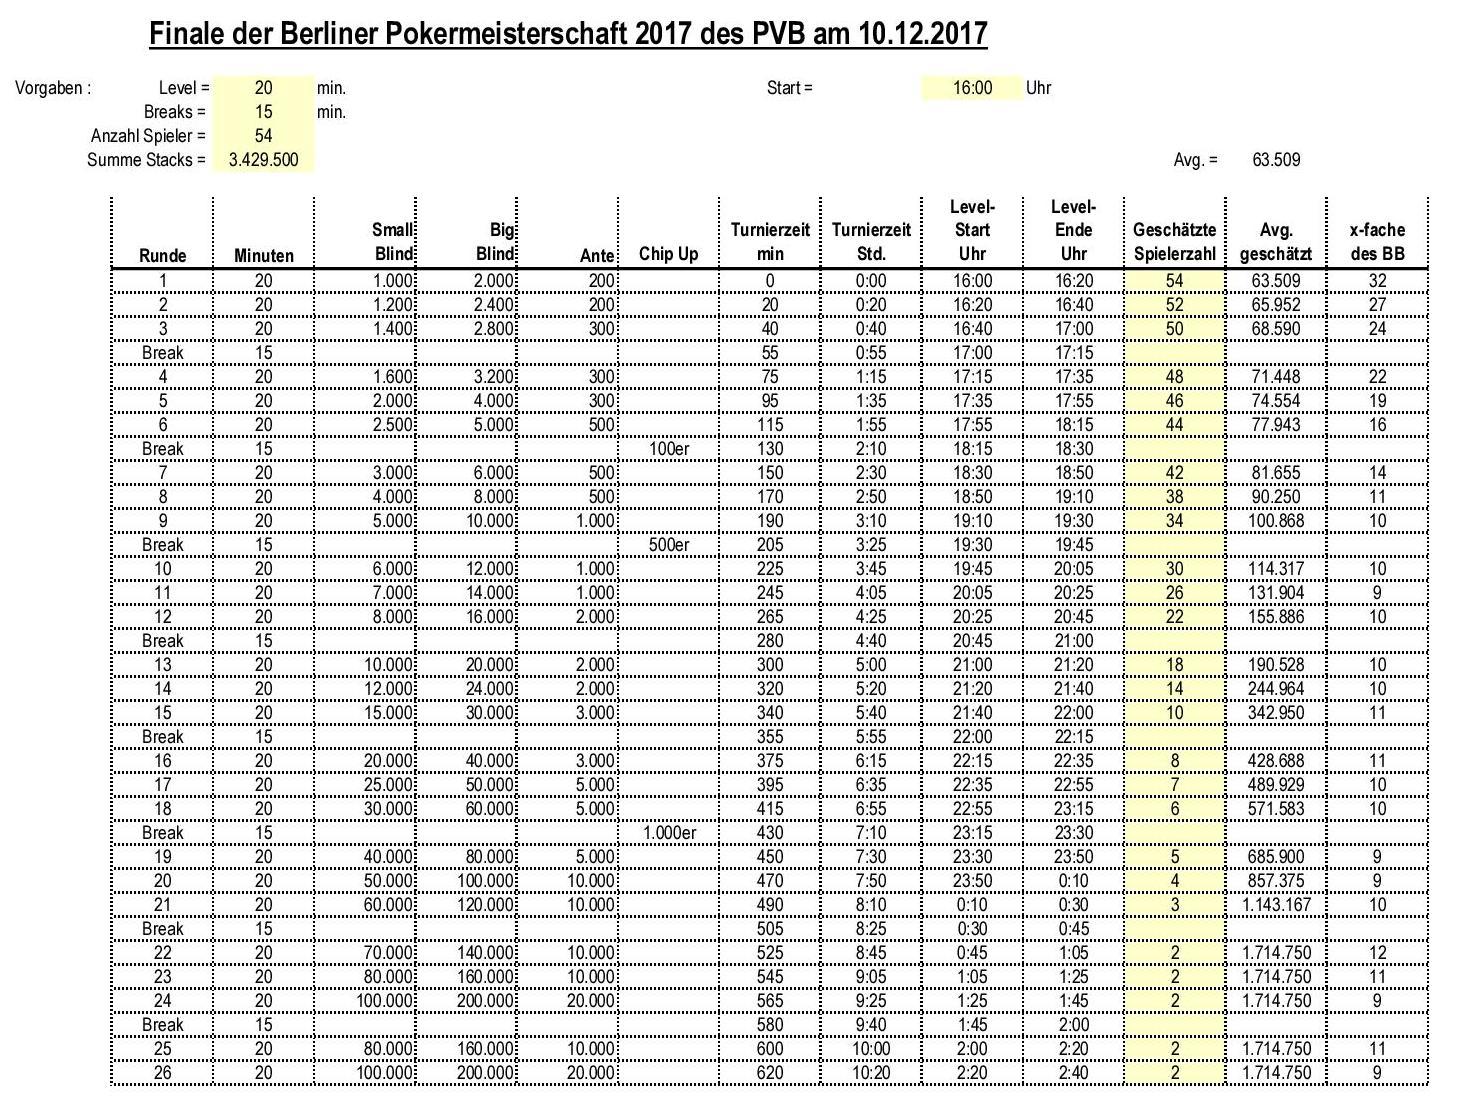 TimeTable des Finales der Berliner Pokereinzelmeisterschaft 2017 des PVB